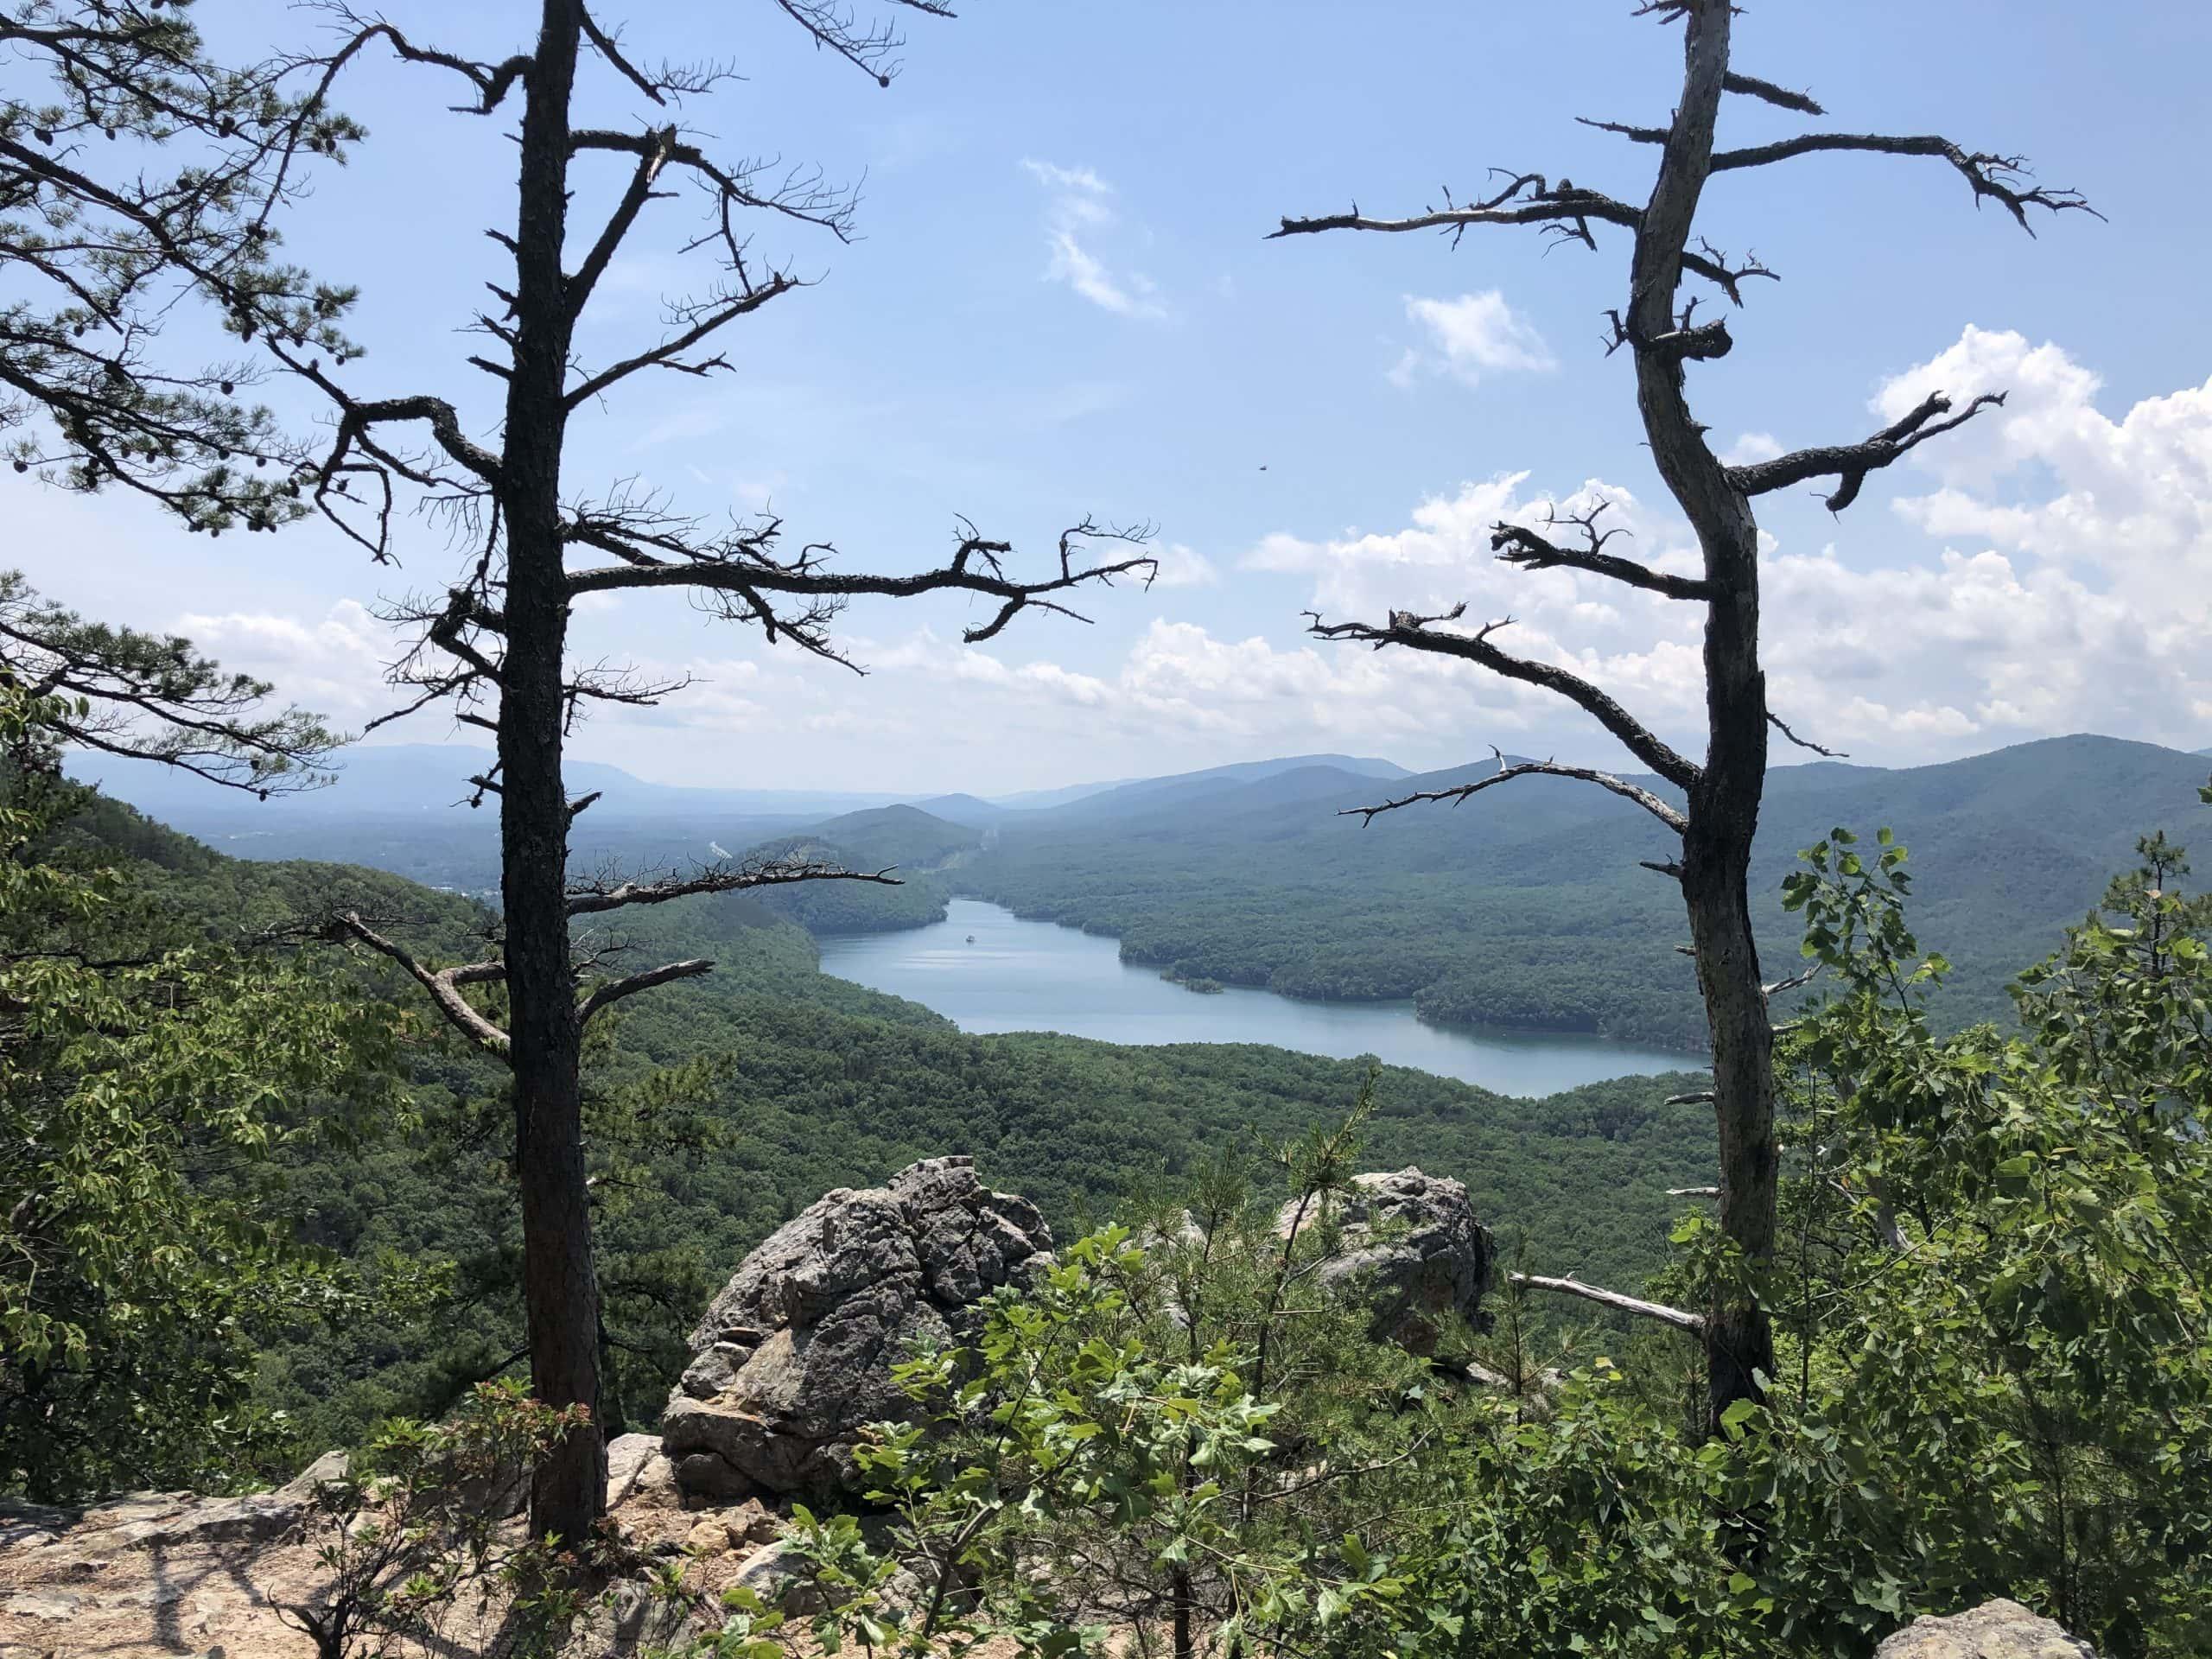 Virginia's Triple Crown Loop